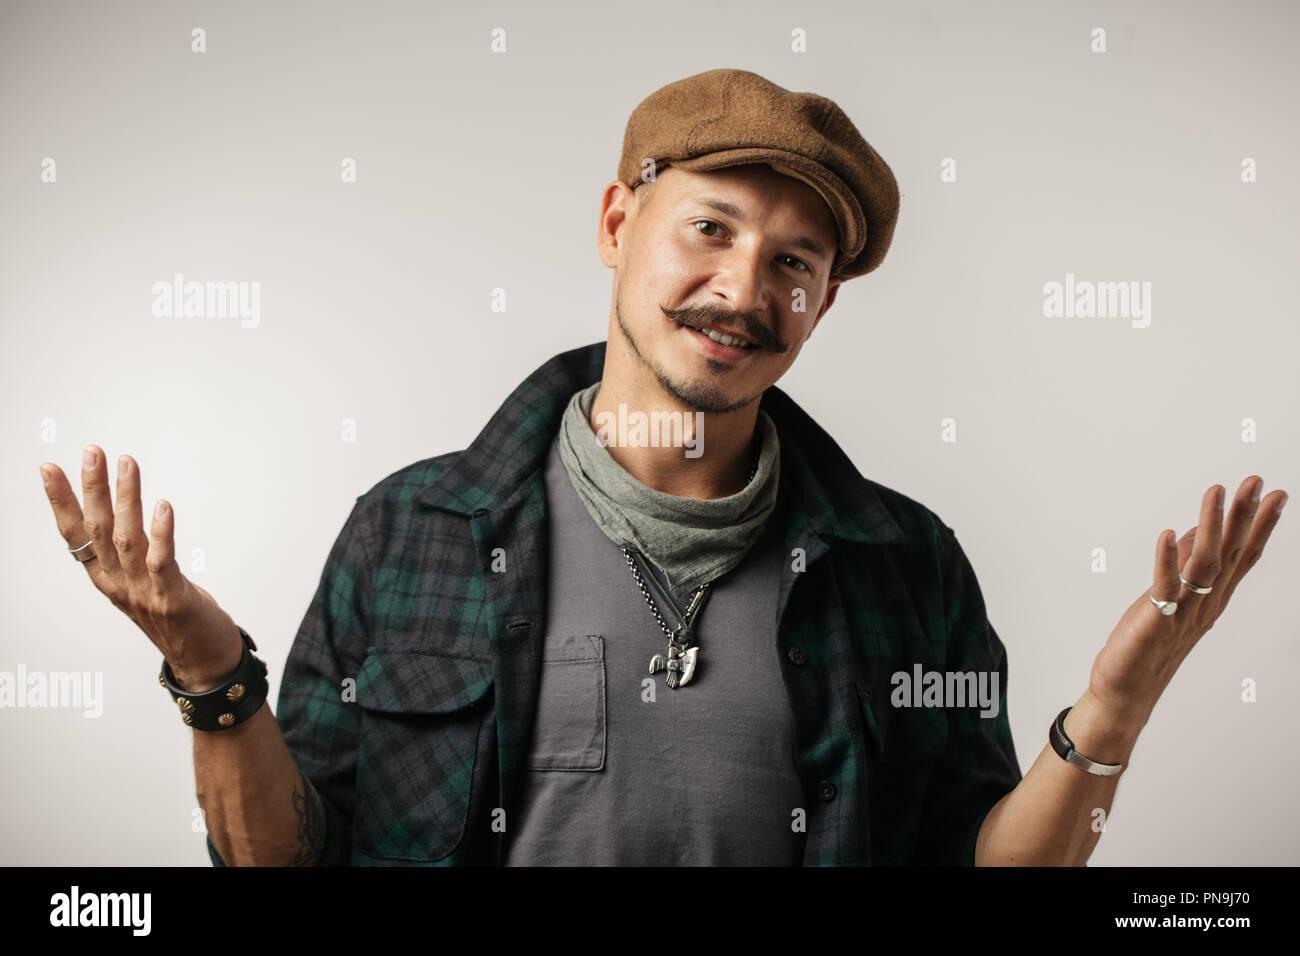 Caucasian man with moustache avec doute expression, confondre et étonnant concept. Photo Stock